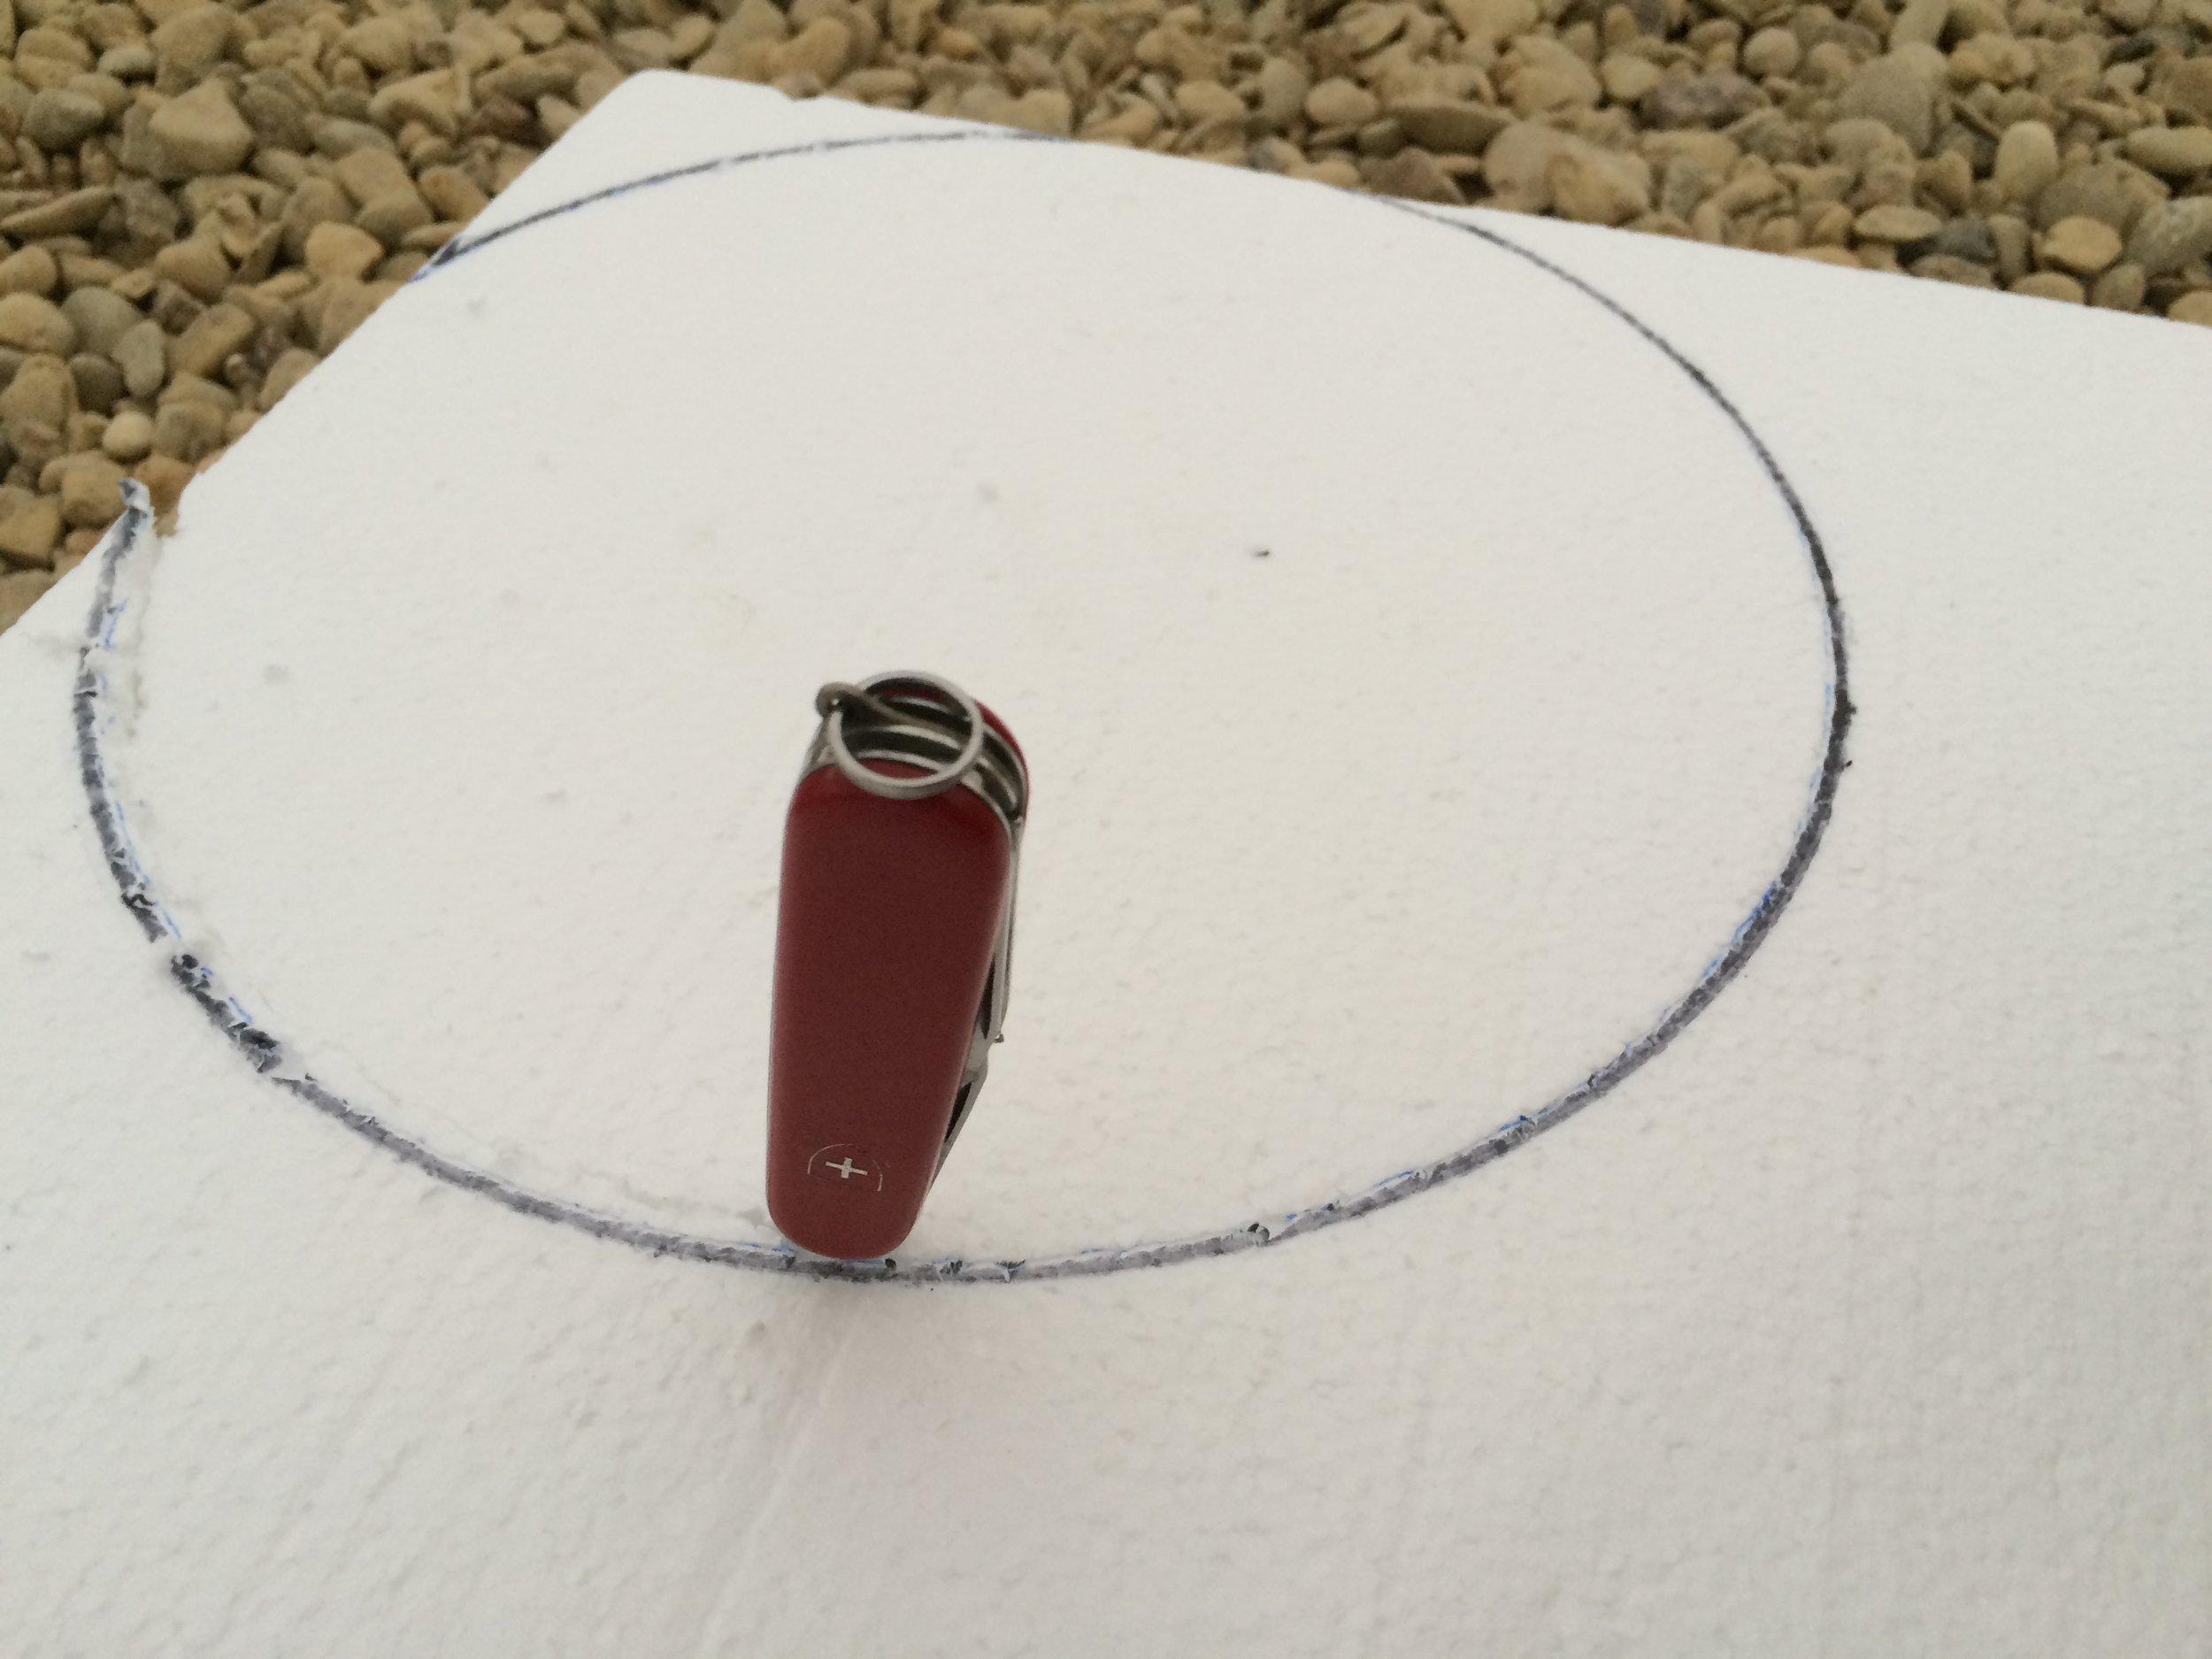 Cut foam board to fit inside a 5 gallon bucket.